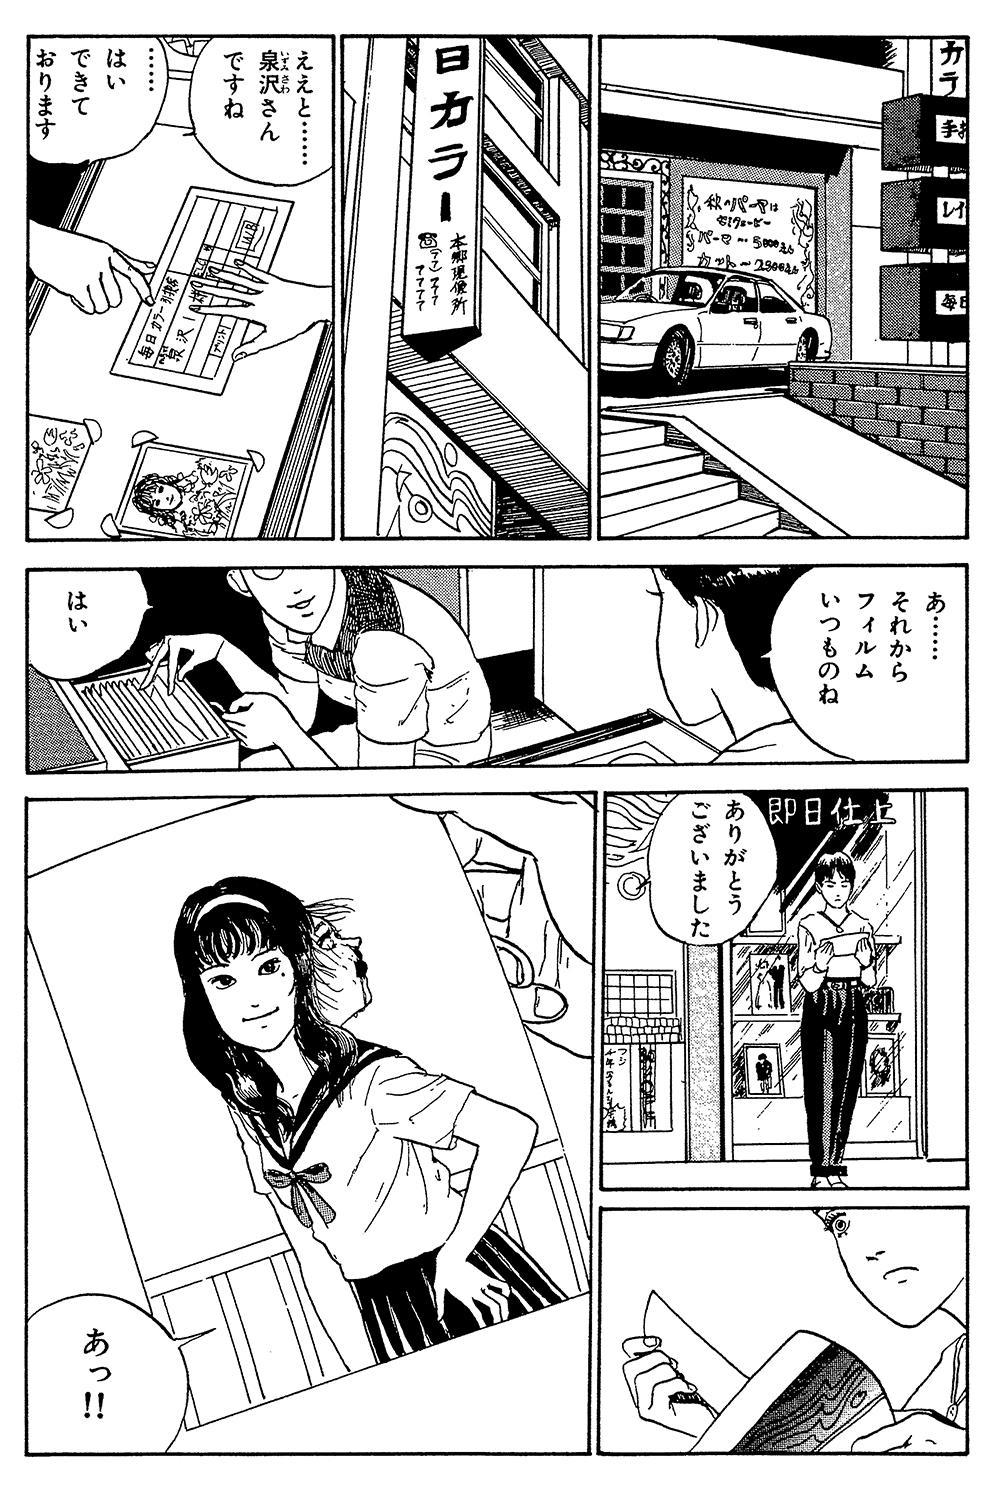 伊藤潤二傑作集 第4話「富江 写真」③junji12-01.jpg